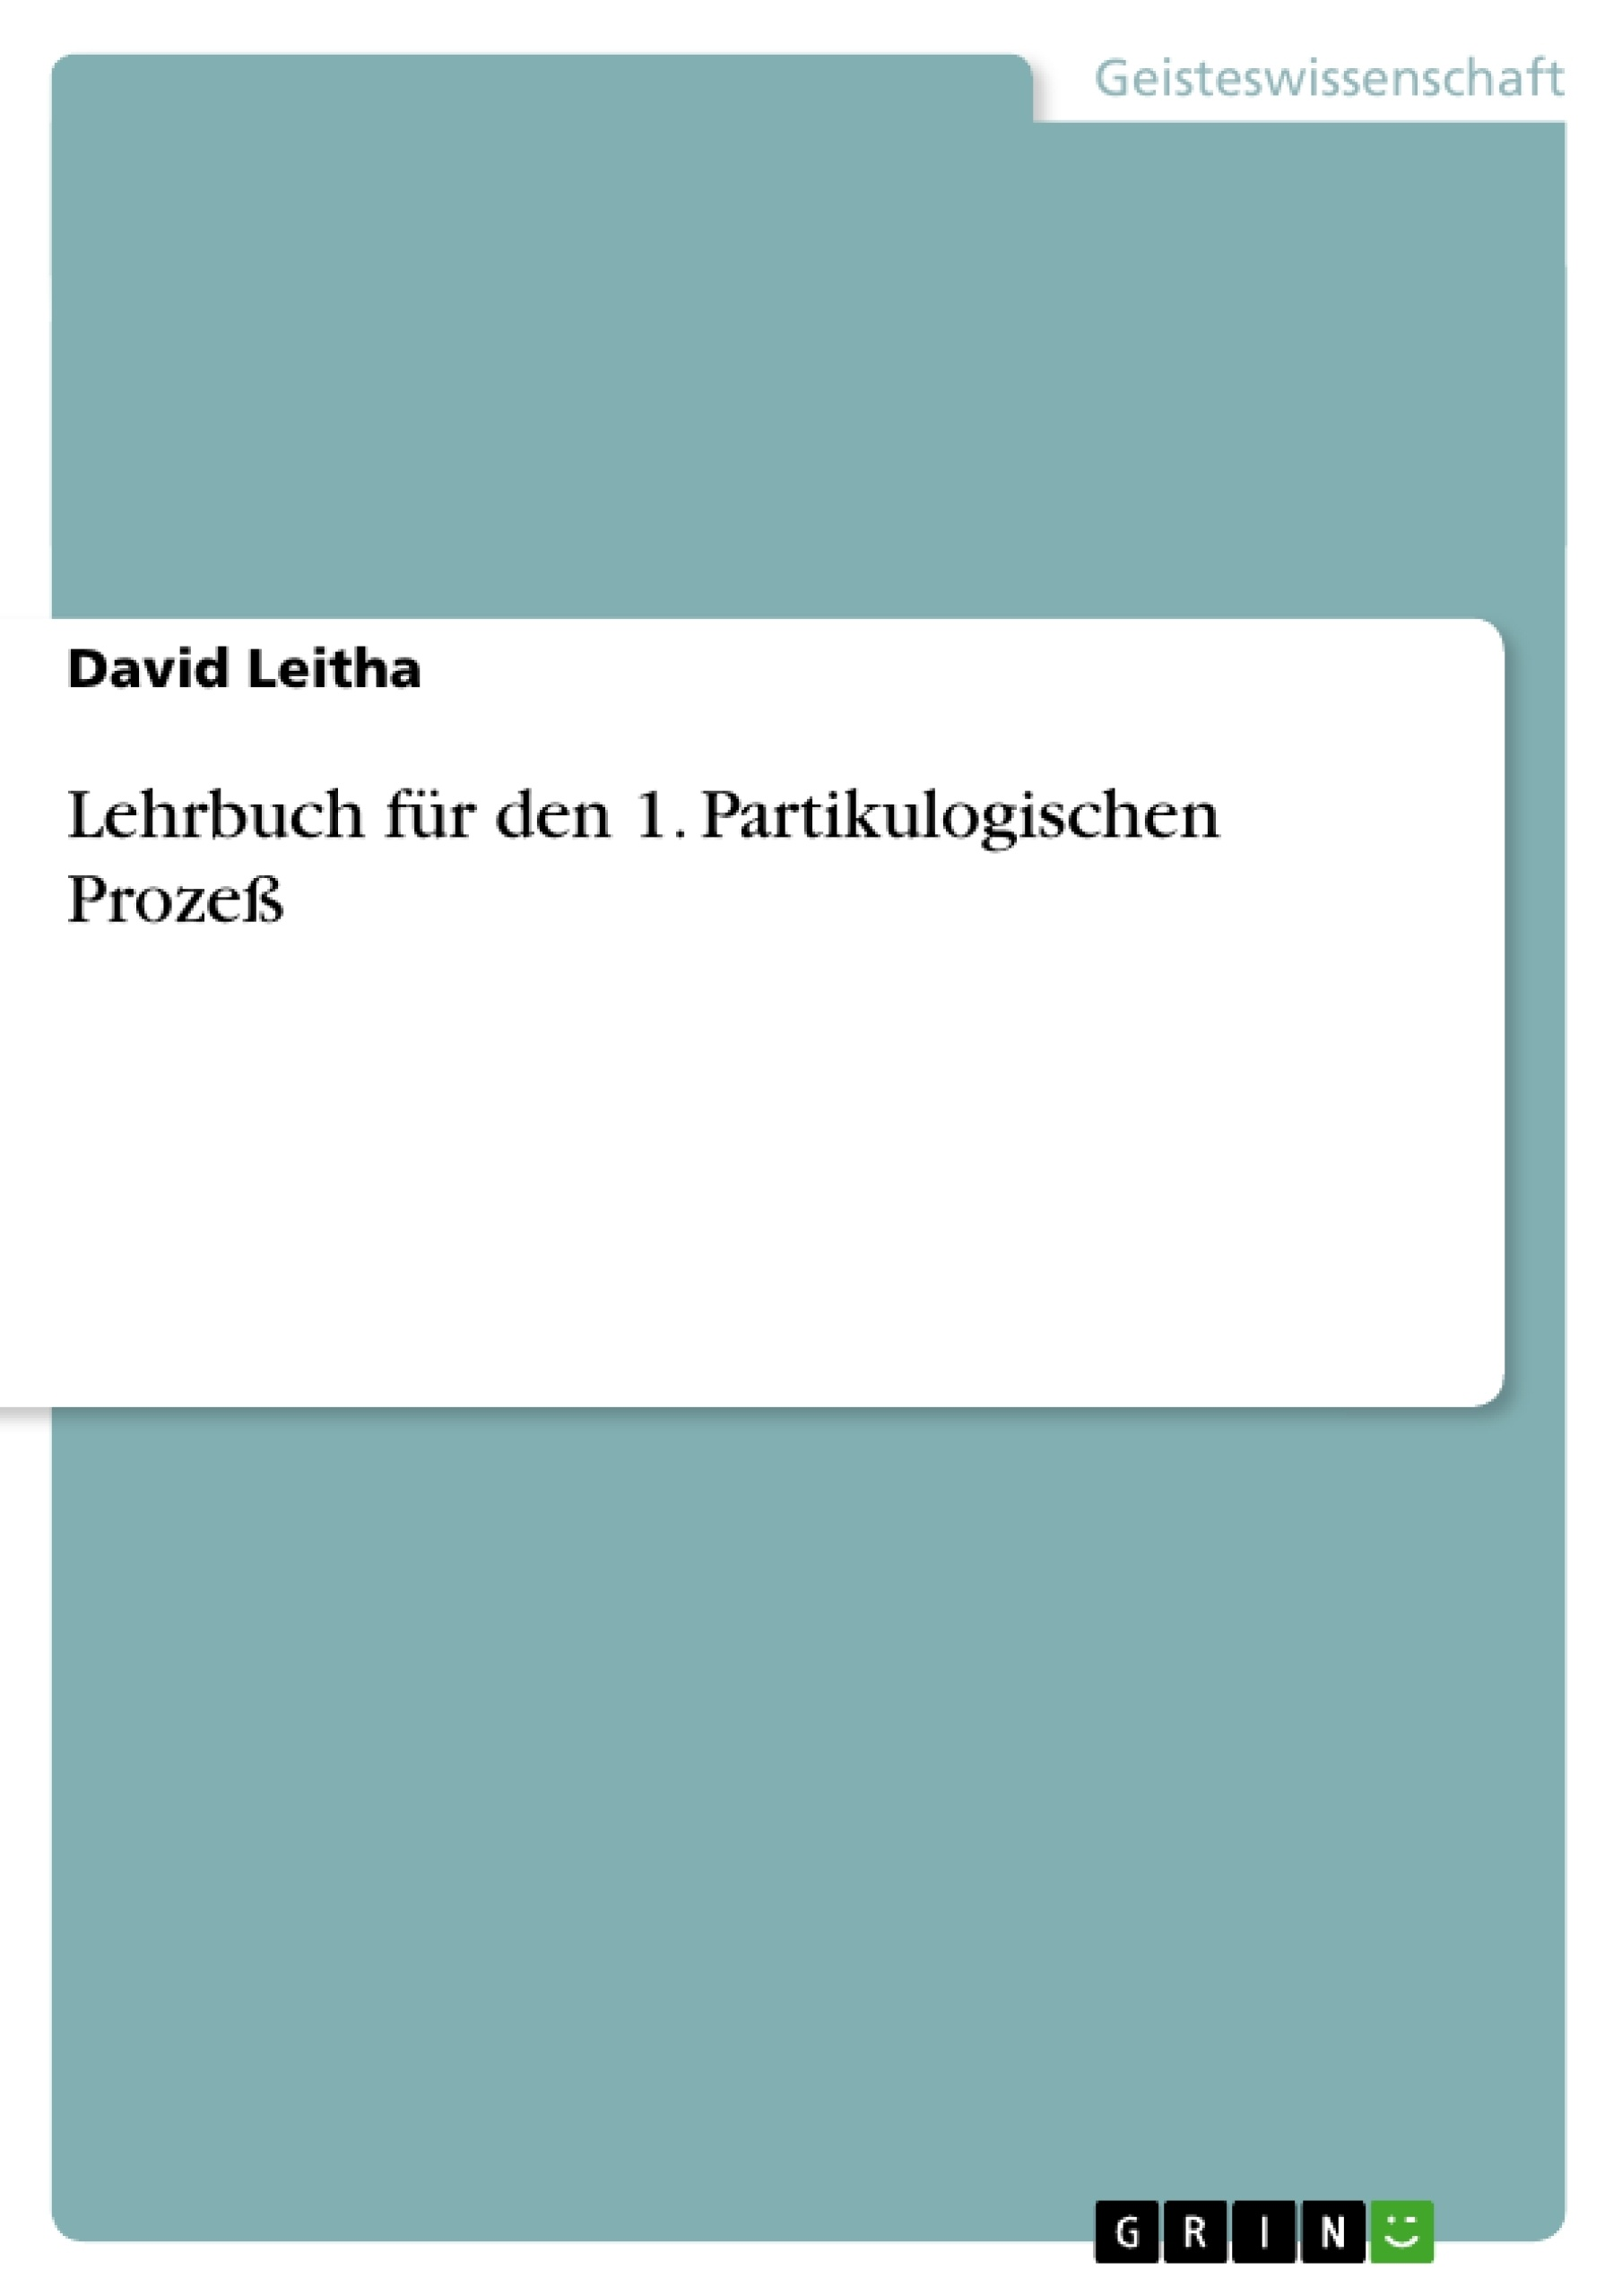 Titel: Lehrbuch für den 1. Partikulogischen Prozeß